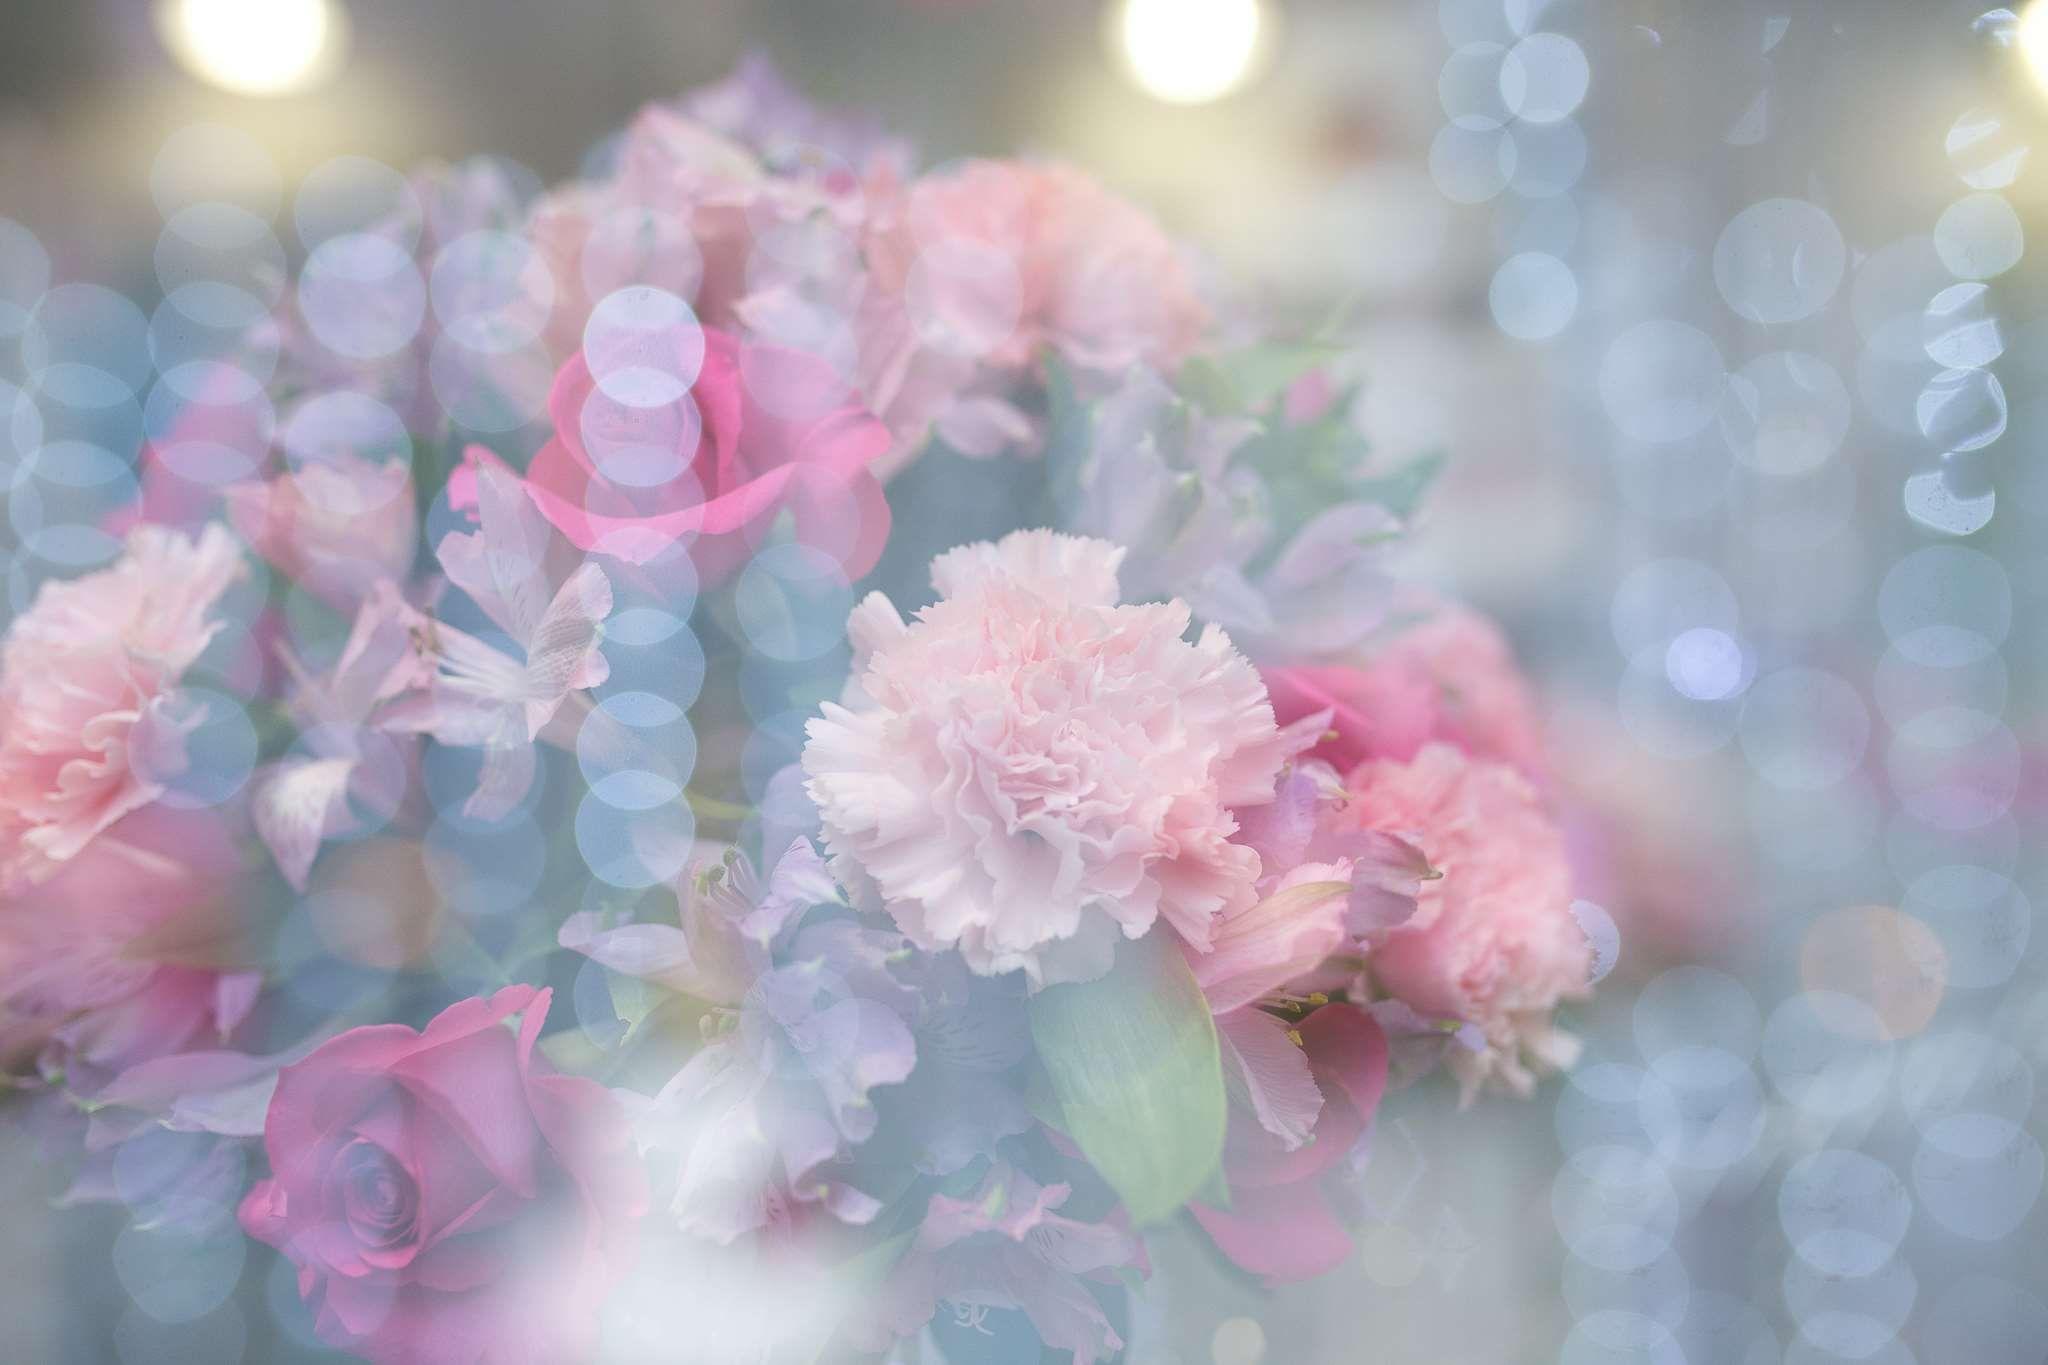 Beautiful beautiful flowers bloom blooming blossom blur bokeh beautiful beautiful flowers bloom blooming blossom blur bokeh izmirmasajfo Images